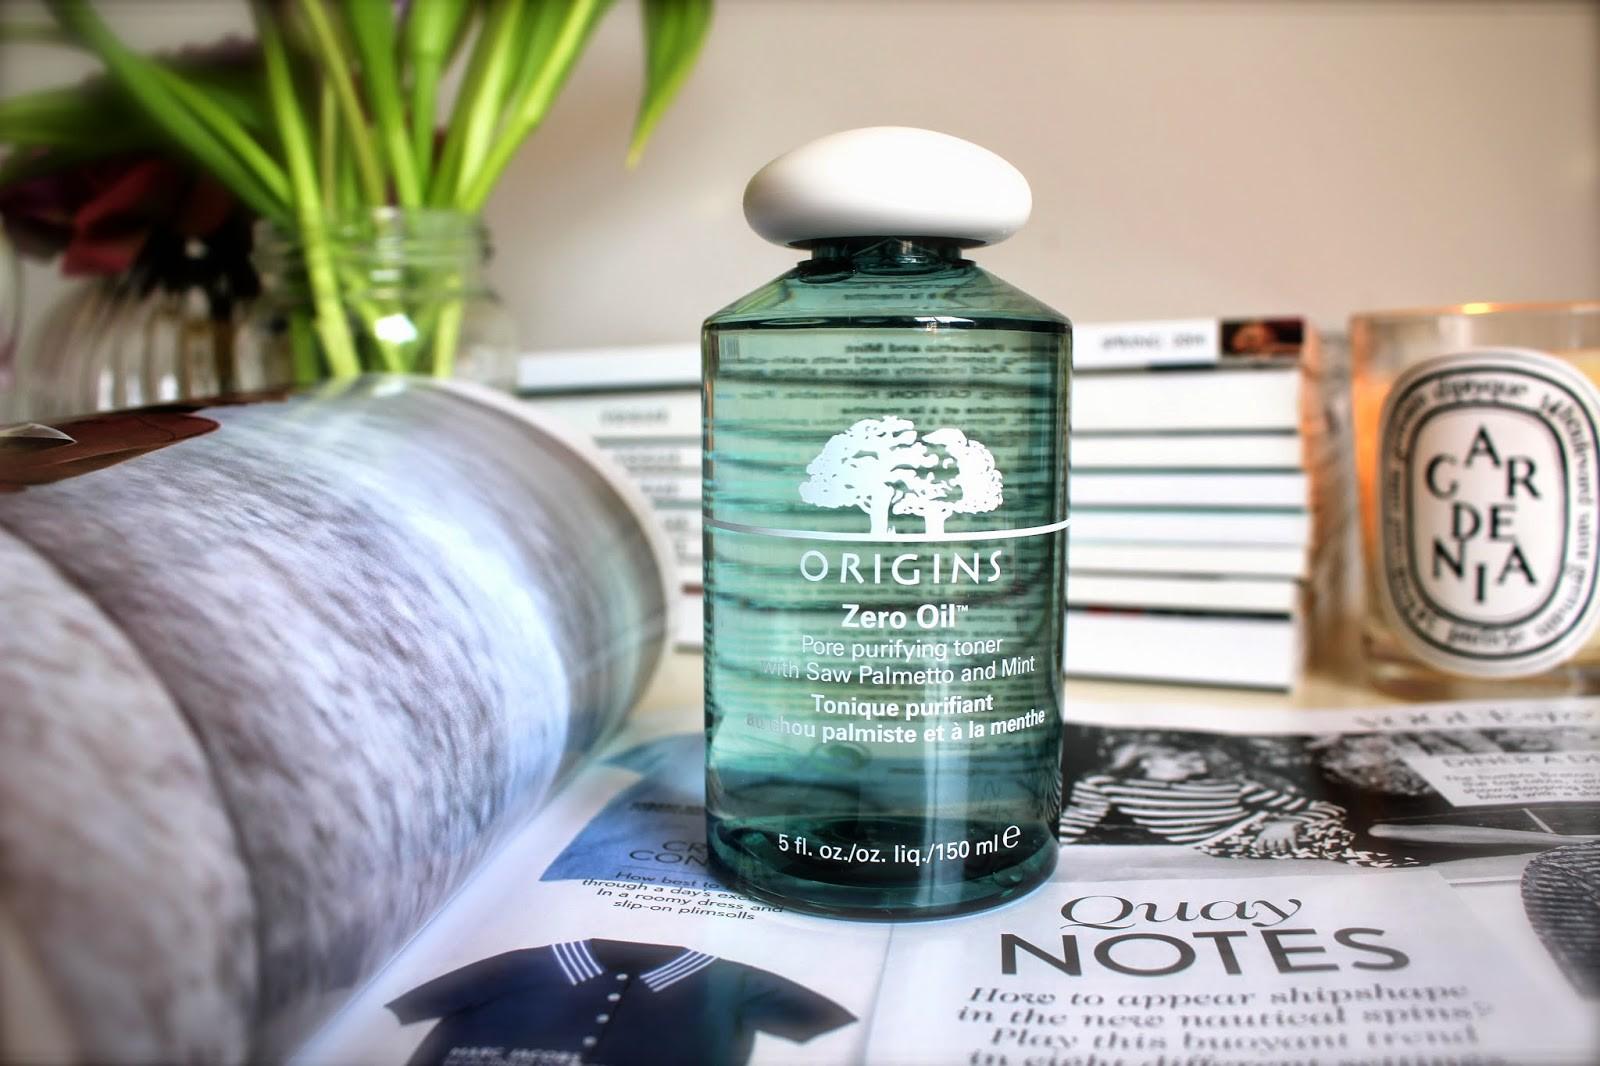 Origins Zero Oil Pore Purifying Toner - Review on Fashion Mumblr